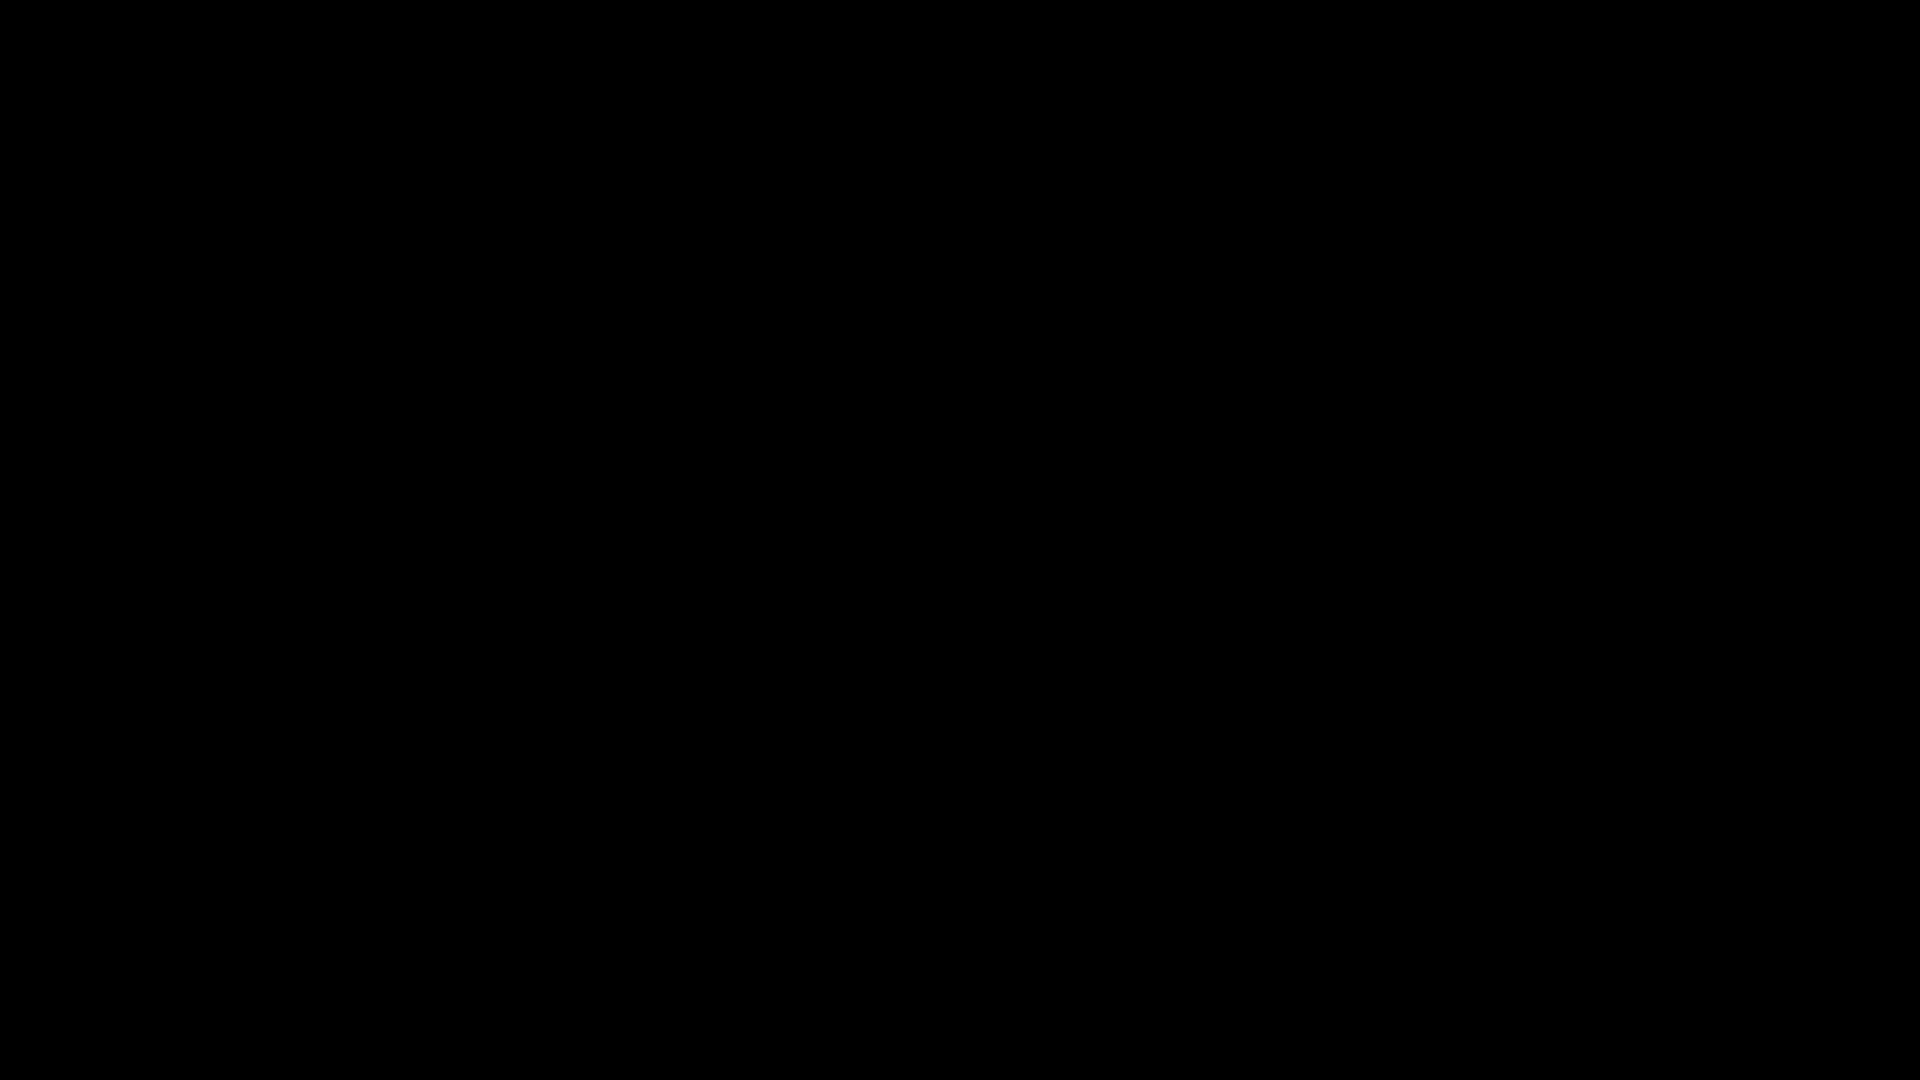 1920x1080C1A4B3D6-EEBC-77EC-1ACE-FC2CE81C959A.png